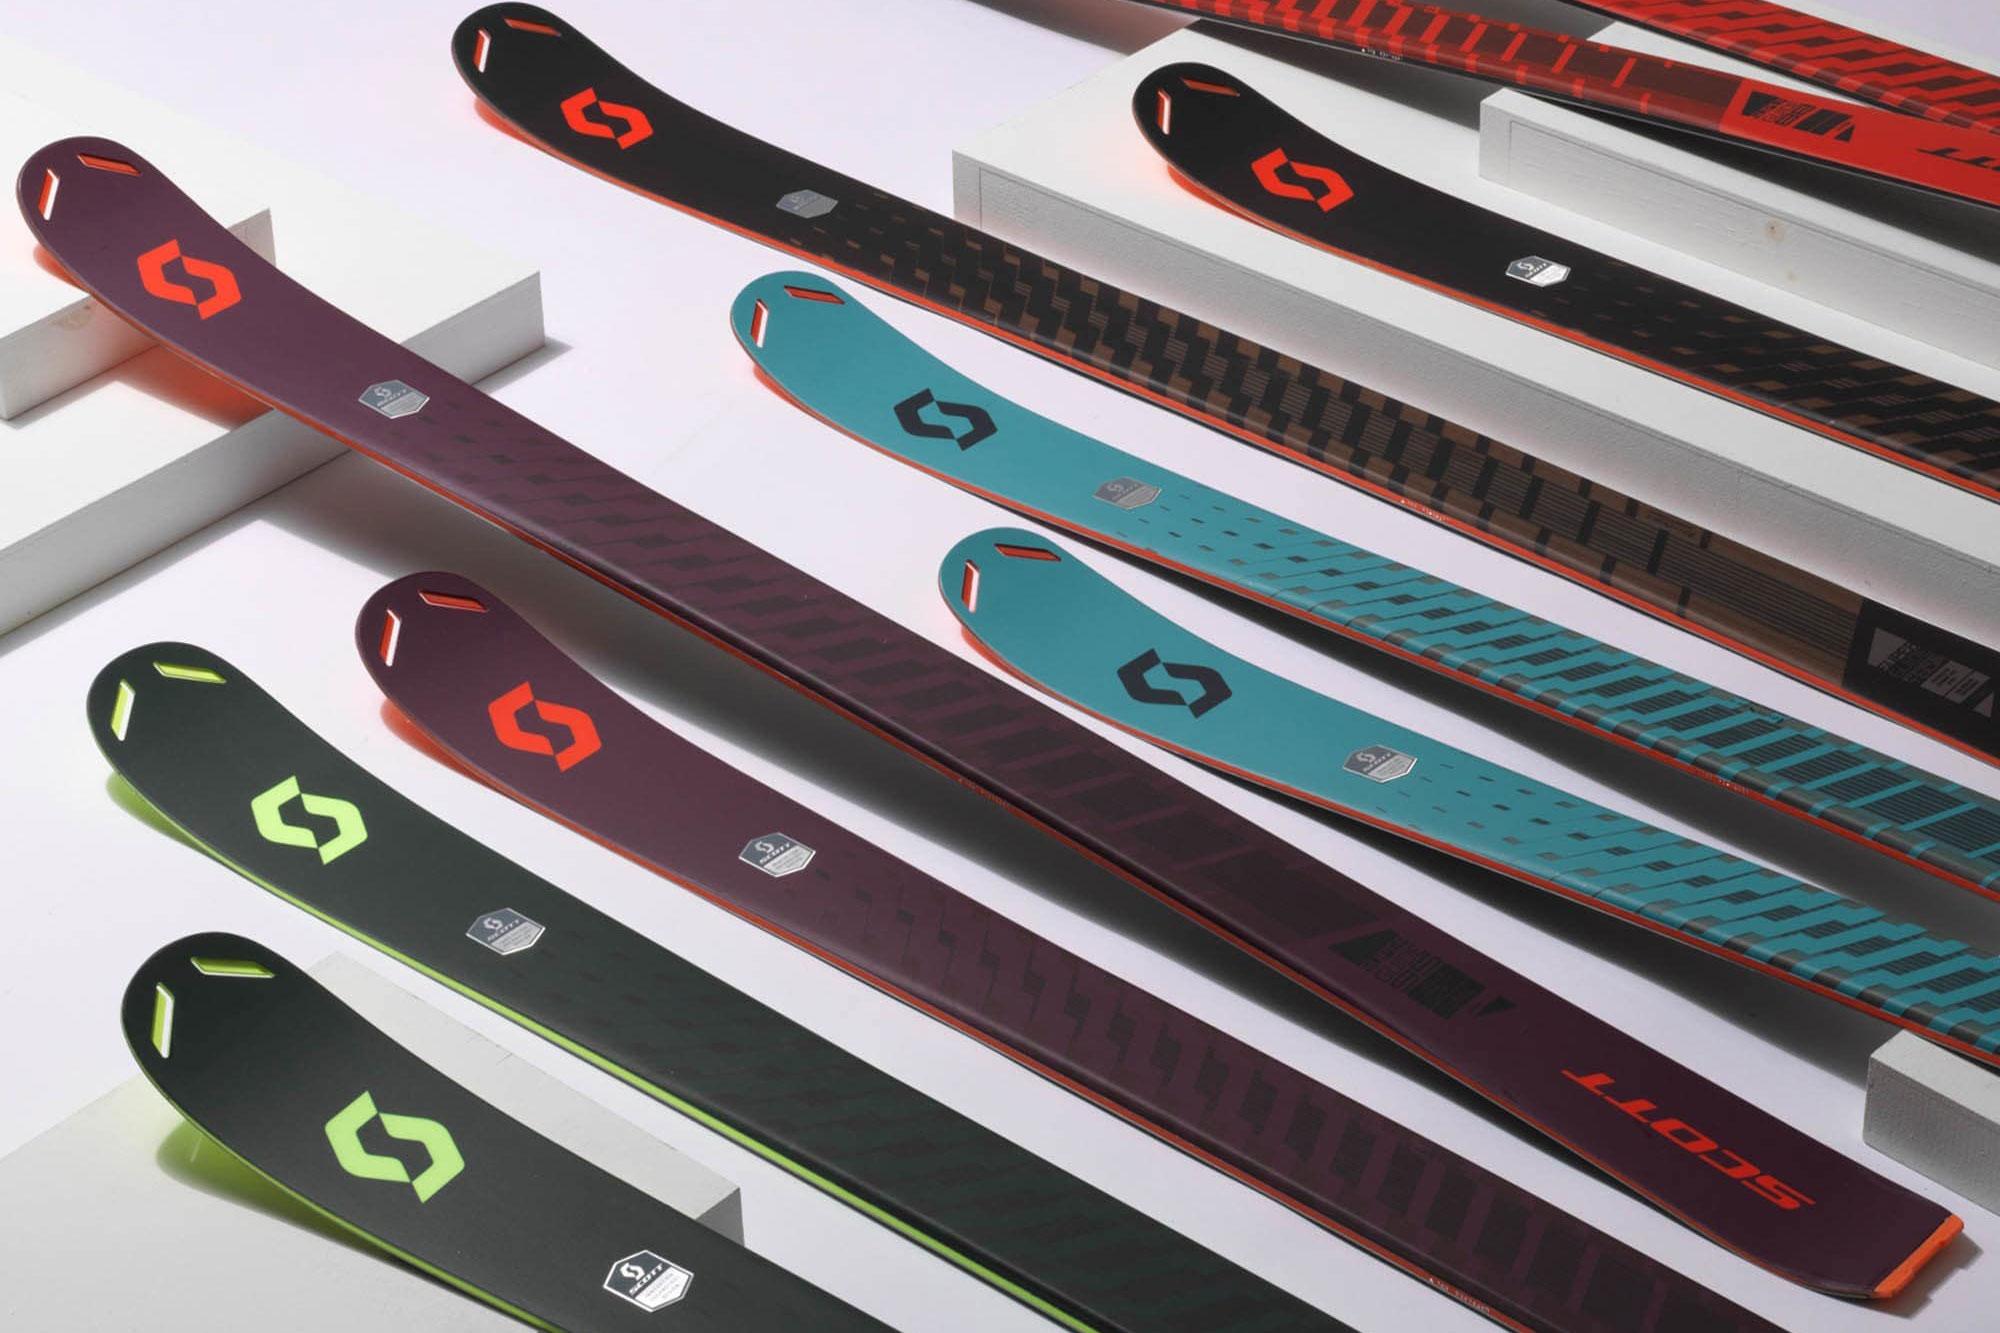 backcountry skis - Scott Superguide 95